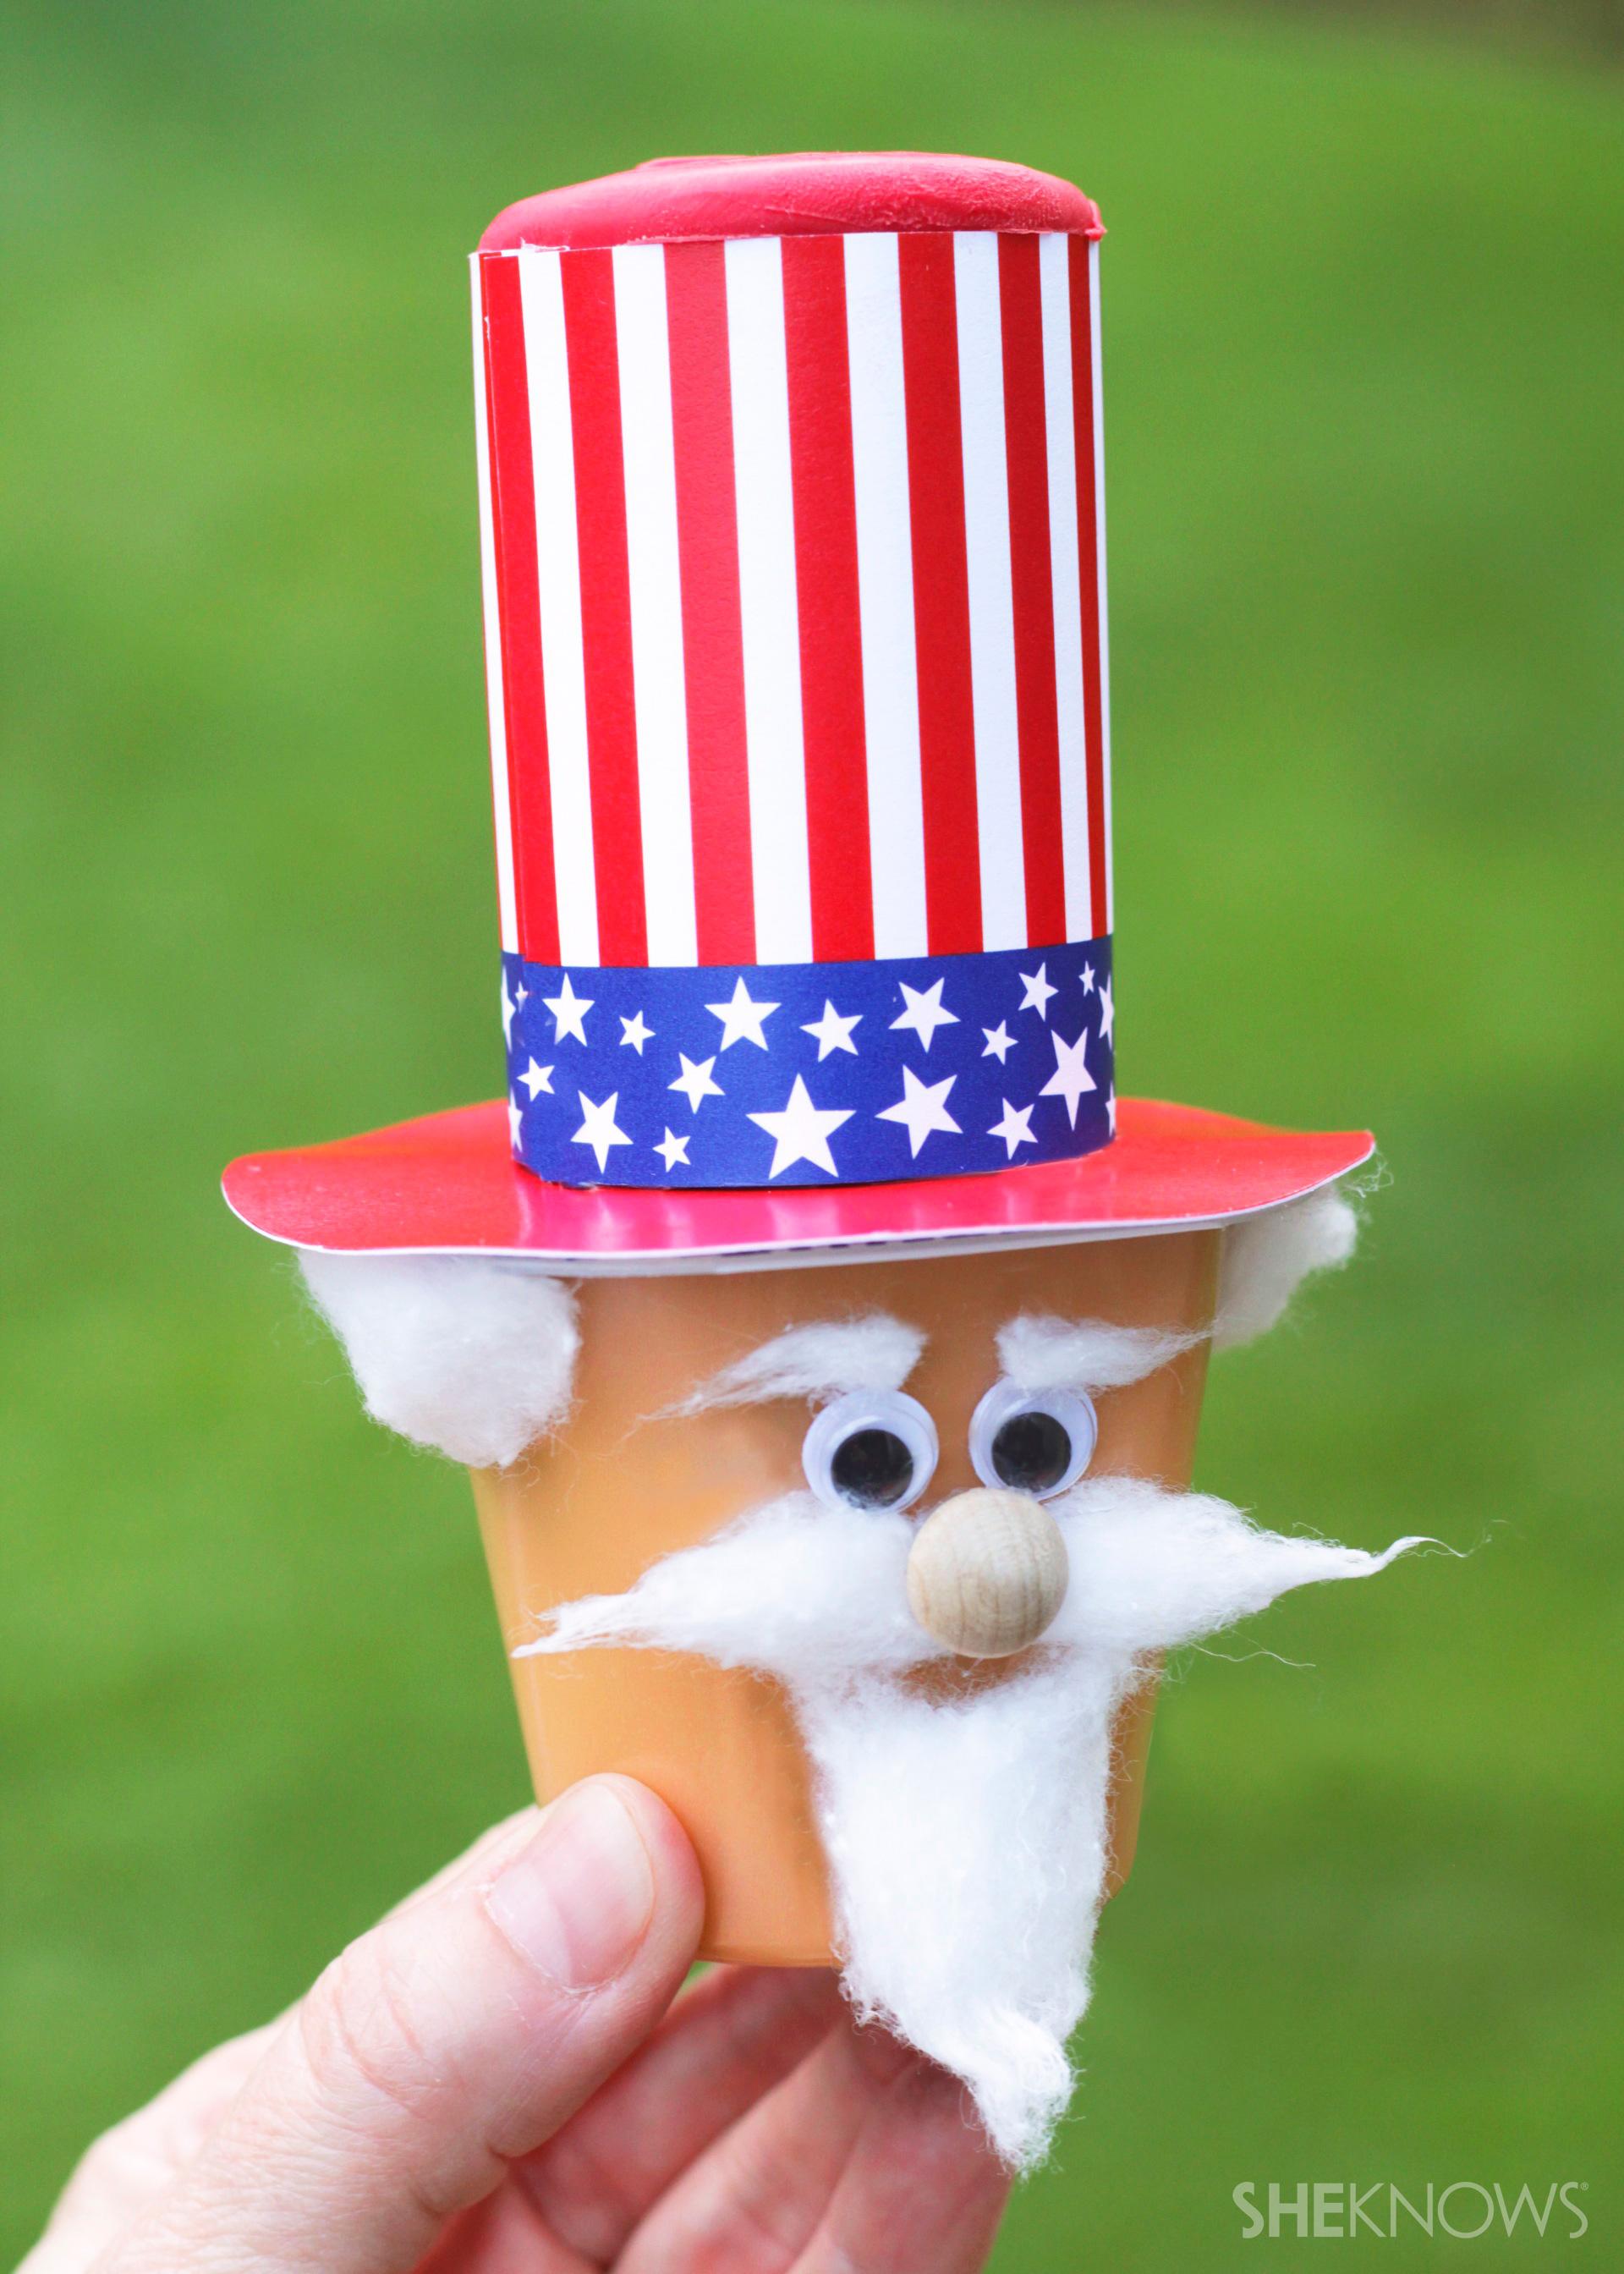 Yankee Doodle dessert cups